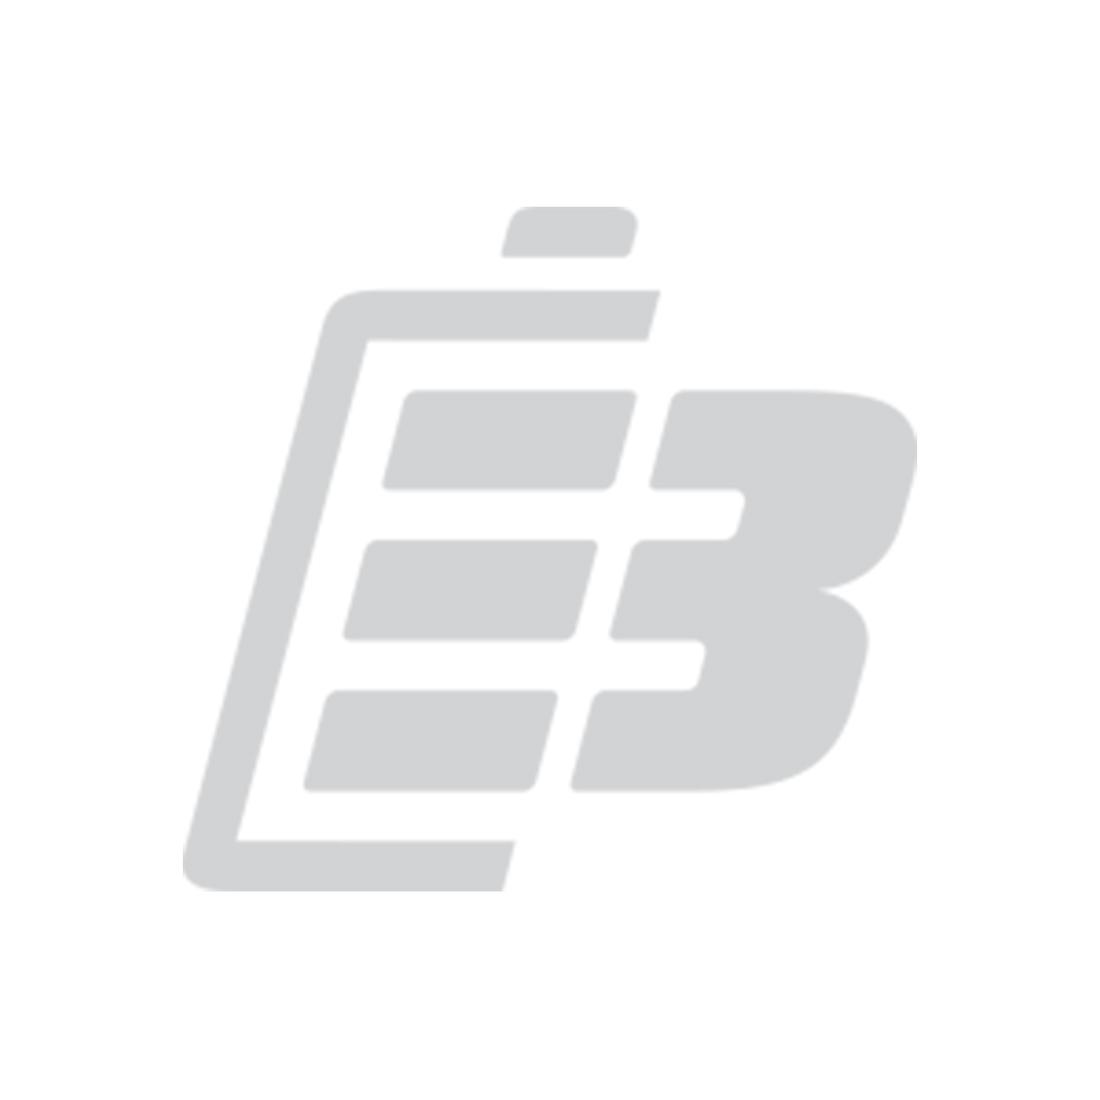 Μπαταρία ηλεκτρικού εργαλείου Bosch 9.6V 3.0Ah_1